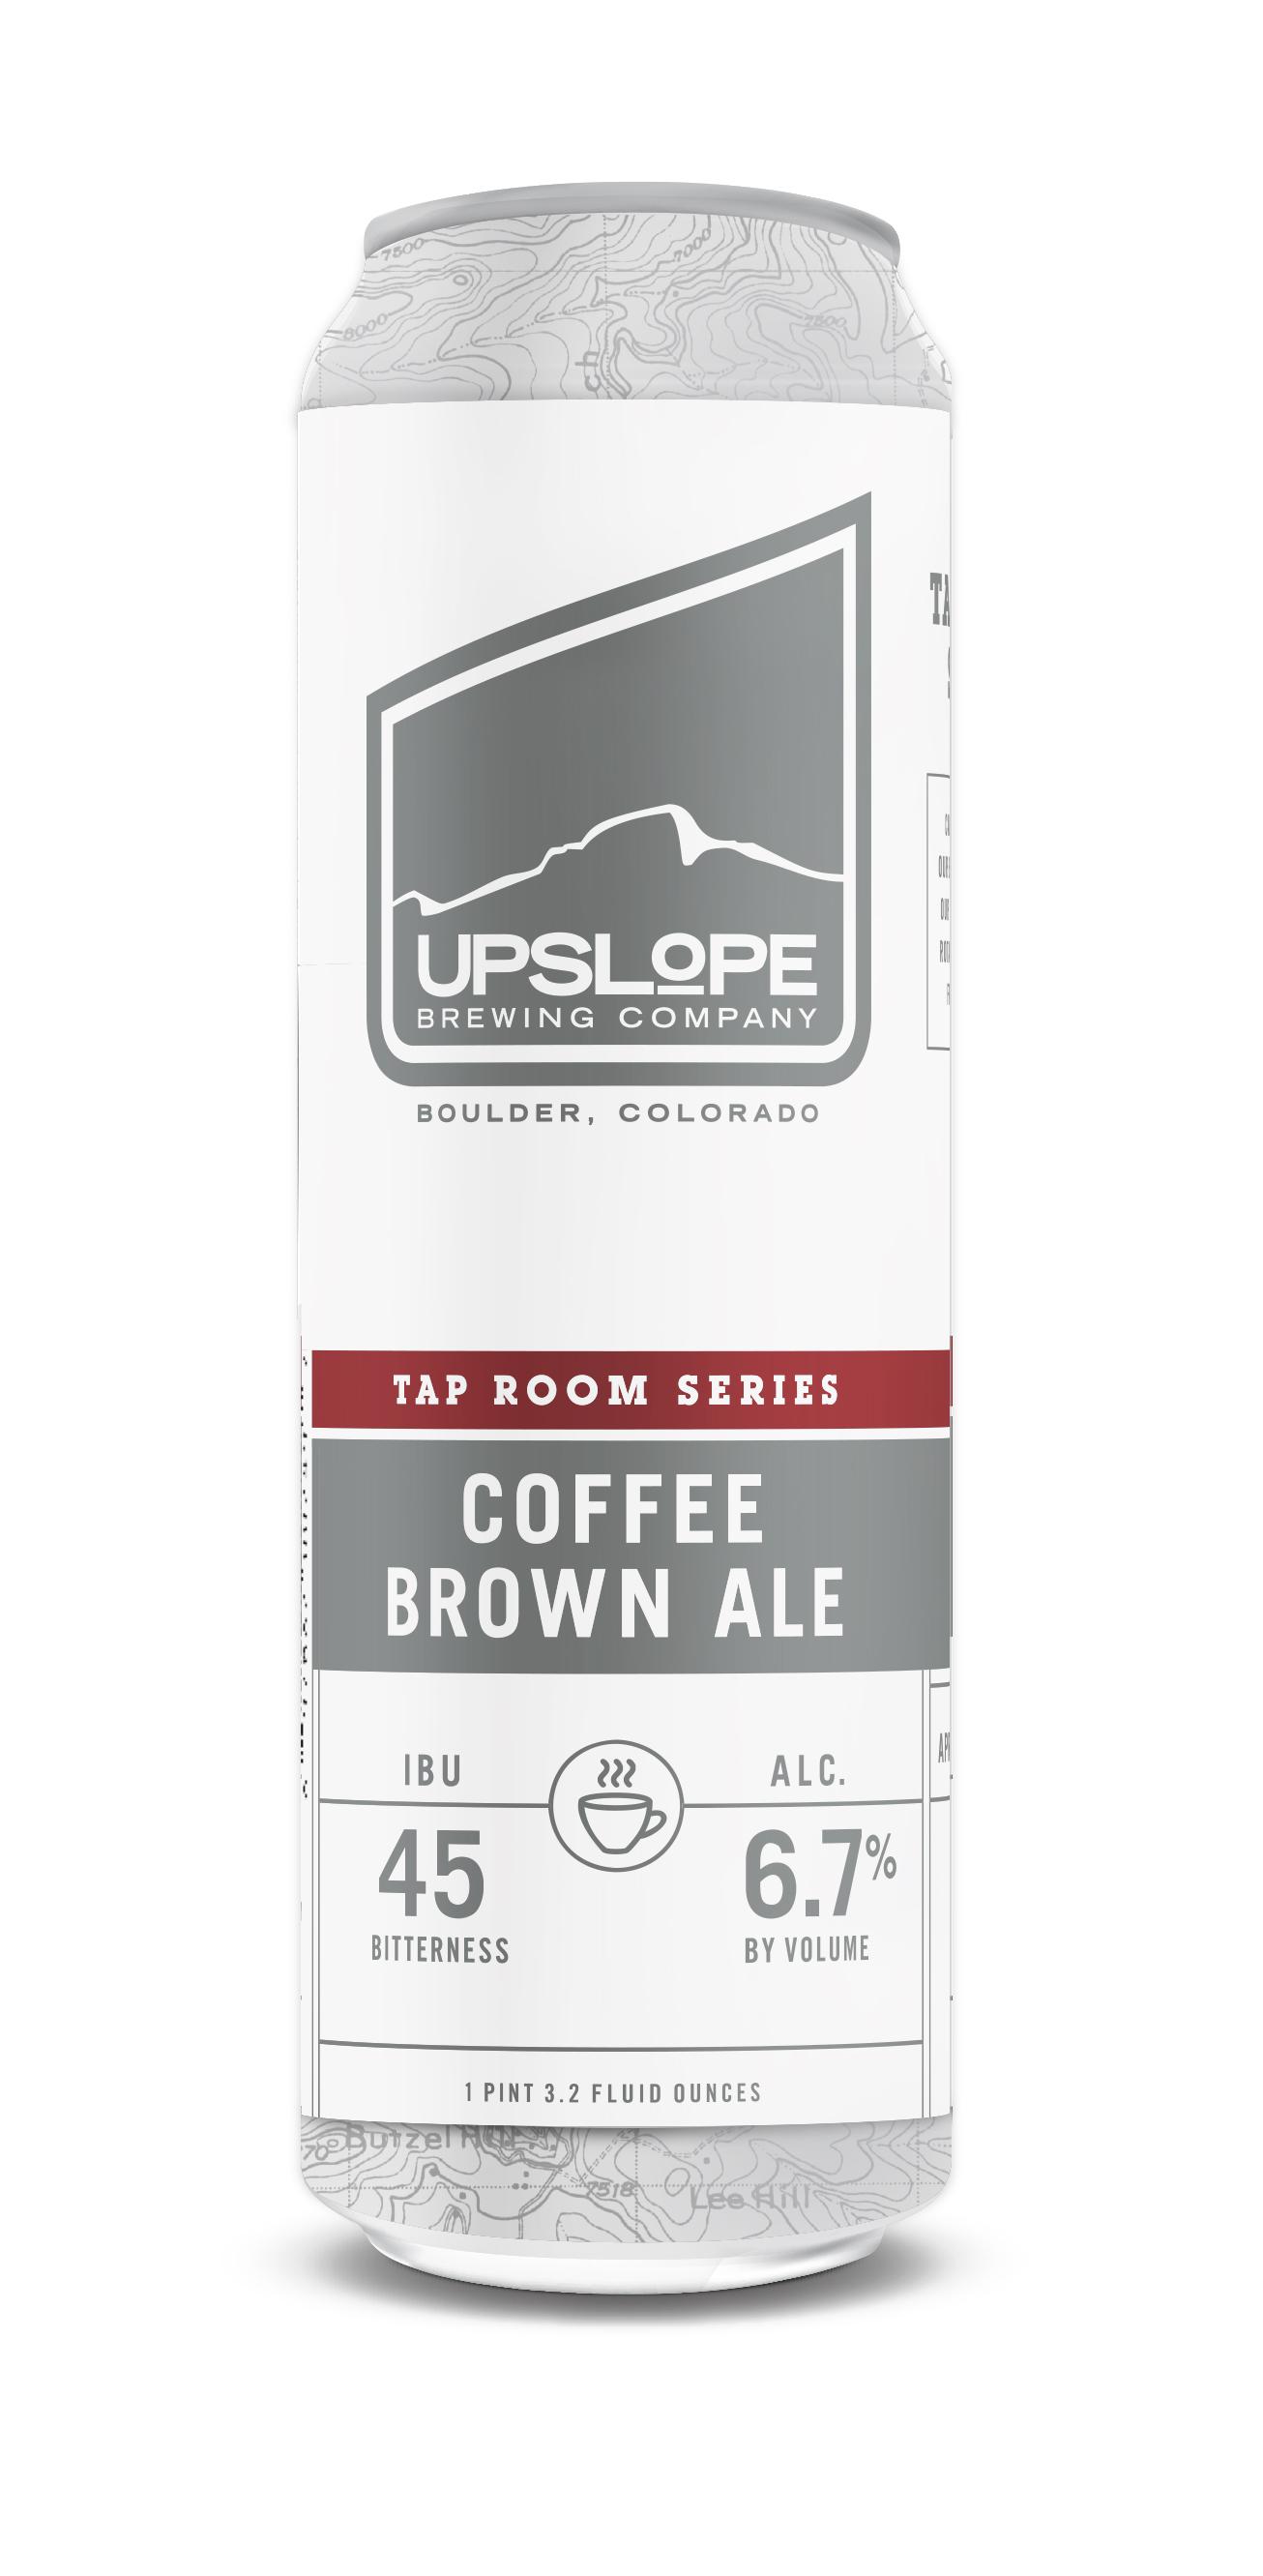 Tap Room Series-Coffee Brown Ale-19.2 oz can.jpg